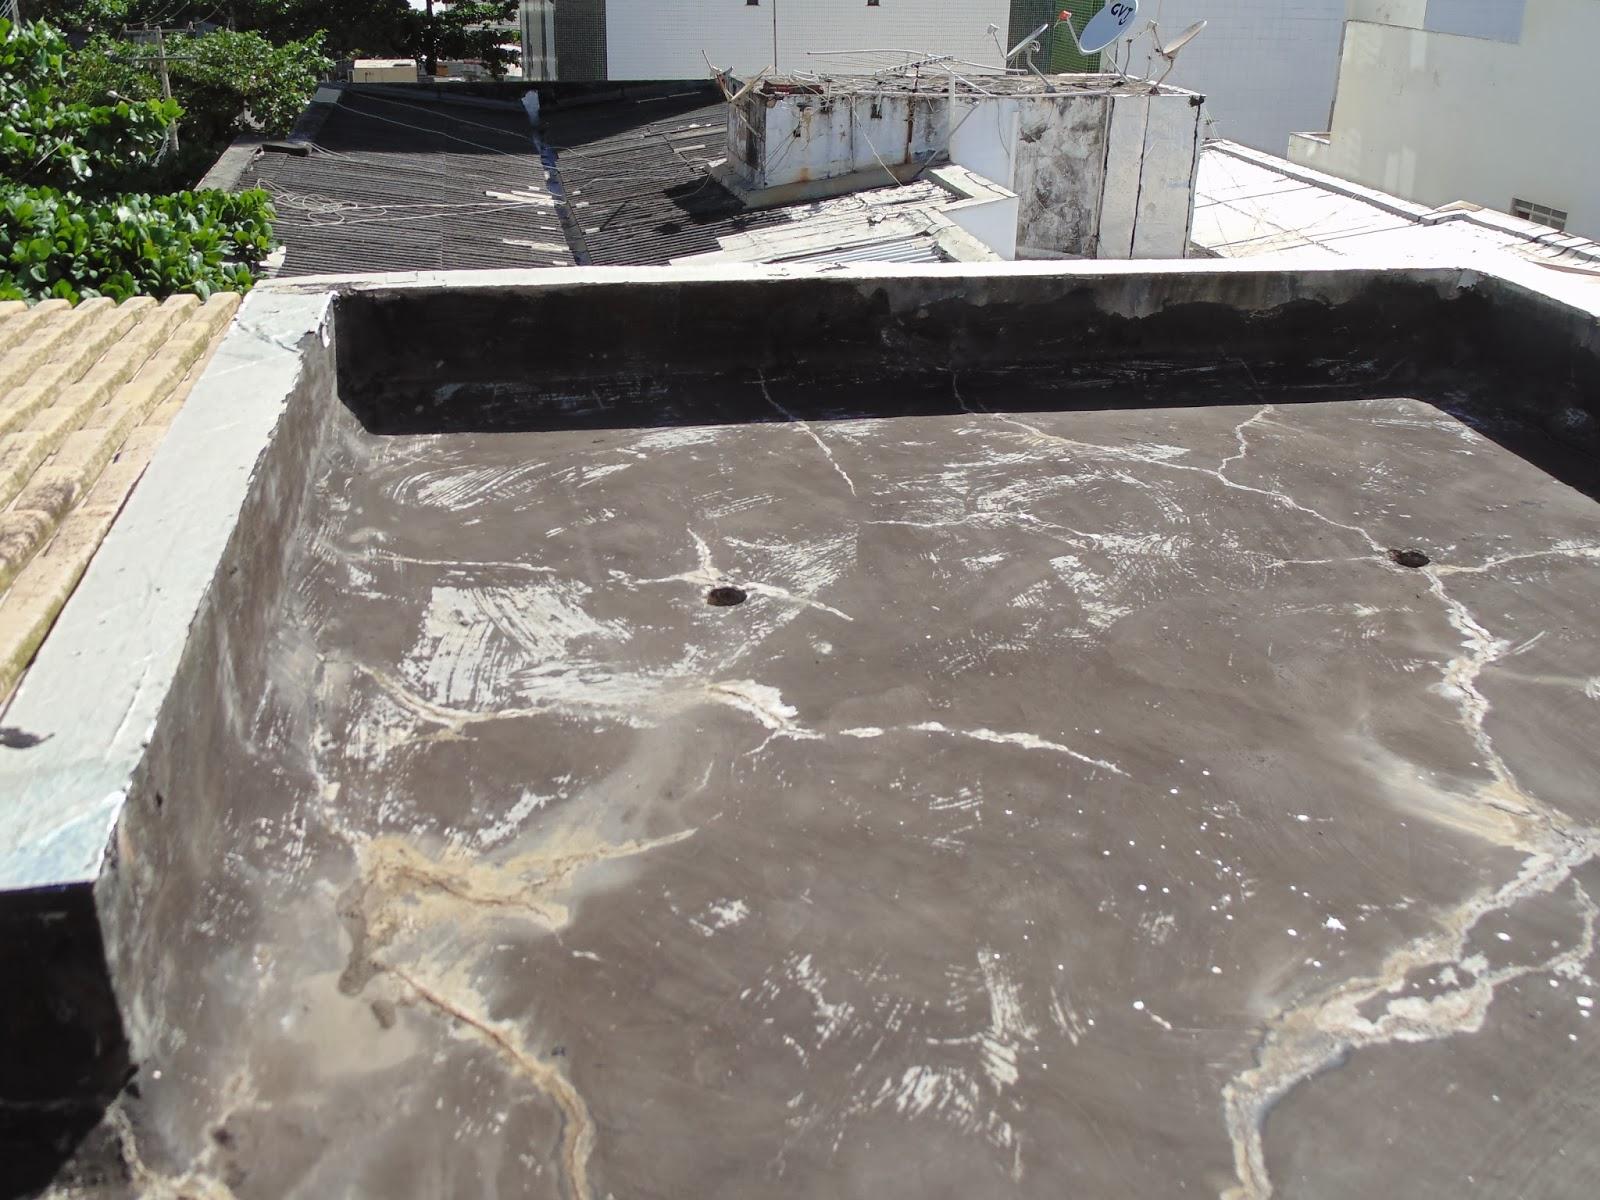 Imagens Serviços Executados: Cobertura Edifício Bairro Costa Azul  #49632B 1600 1200